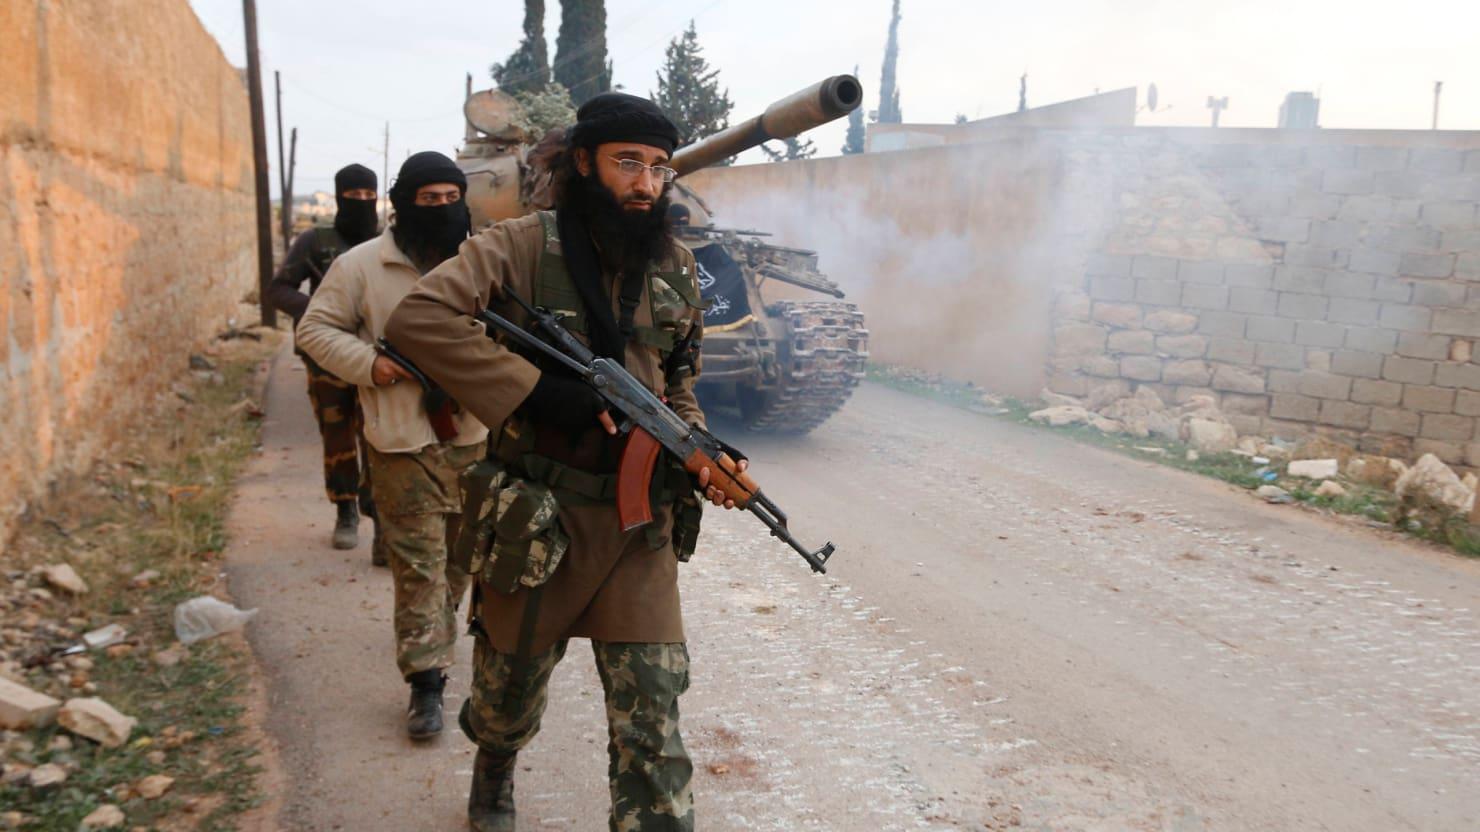 Ciudadano de Estados Unidos Peleando por ISIS – Milicia de Estados Unidos Lo Atrapa en Siria